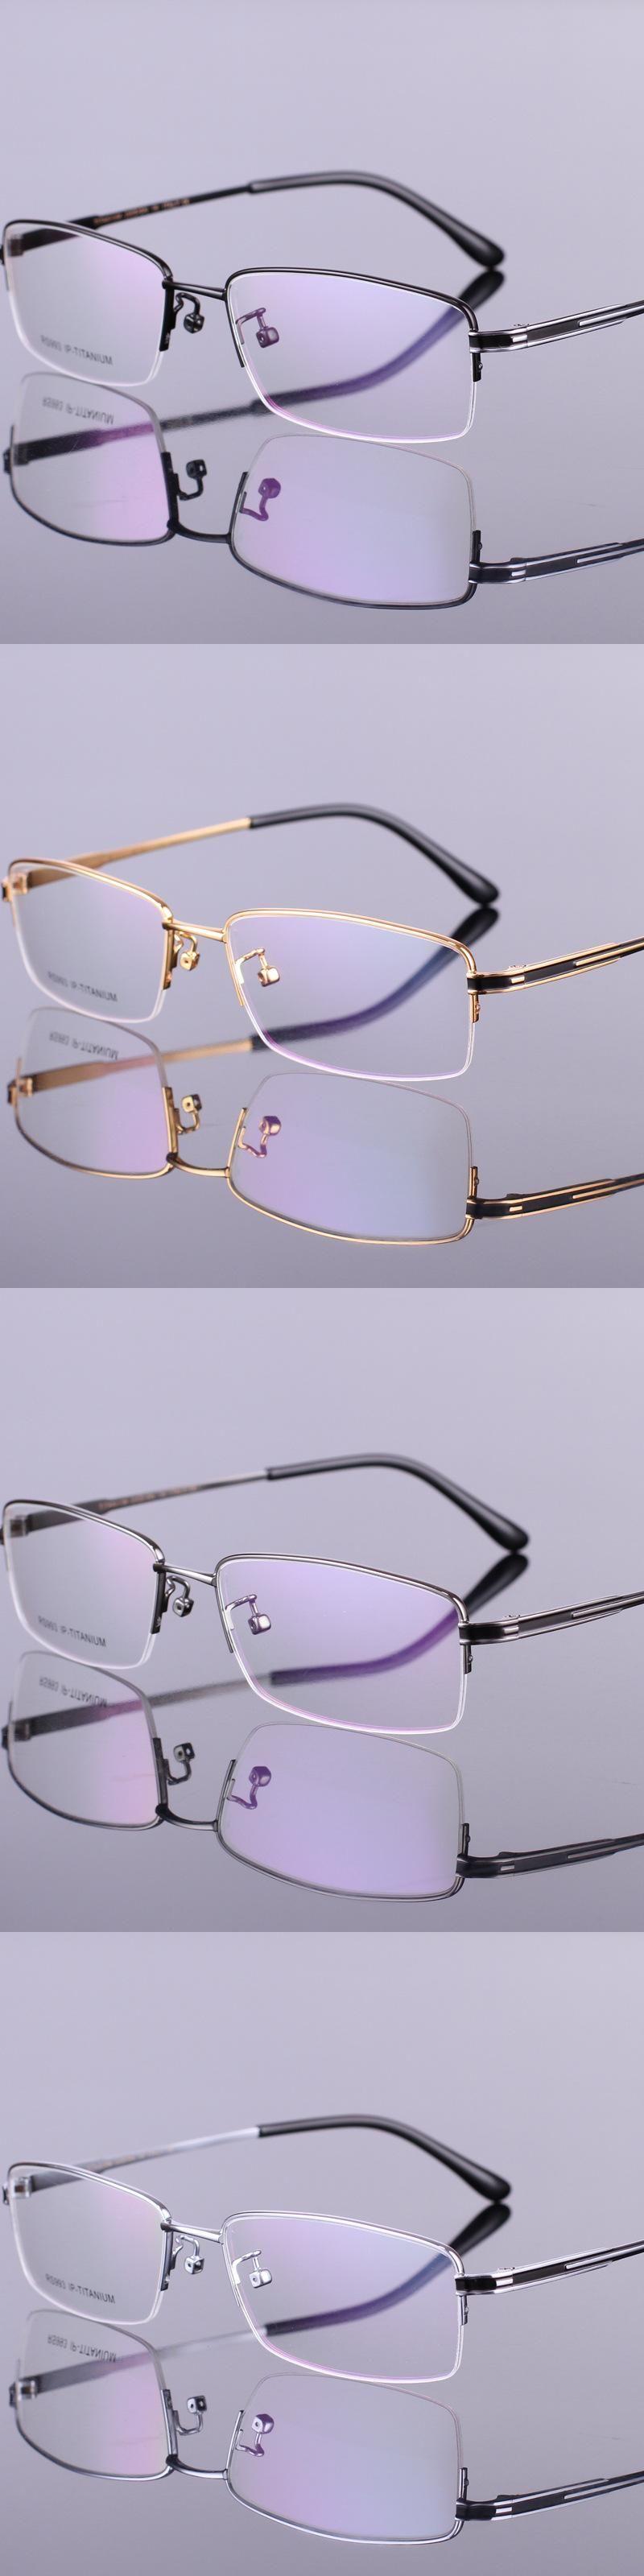 Men\'s fashion eyeglass gold ultralight titanium frames eye glasses ...